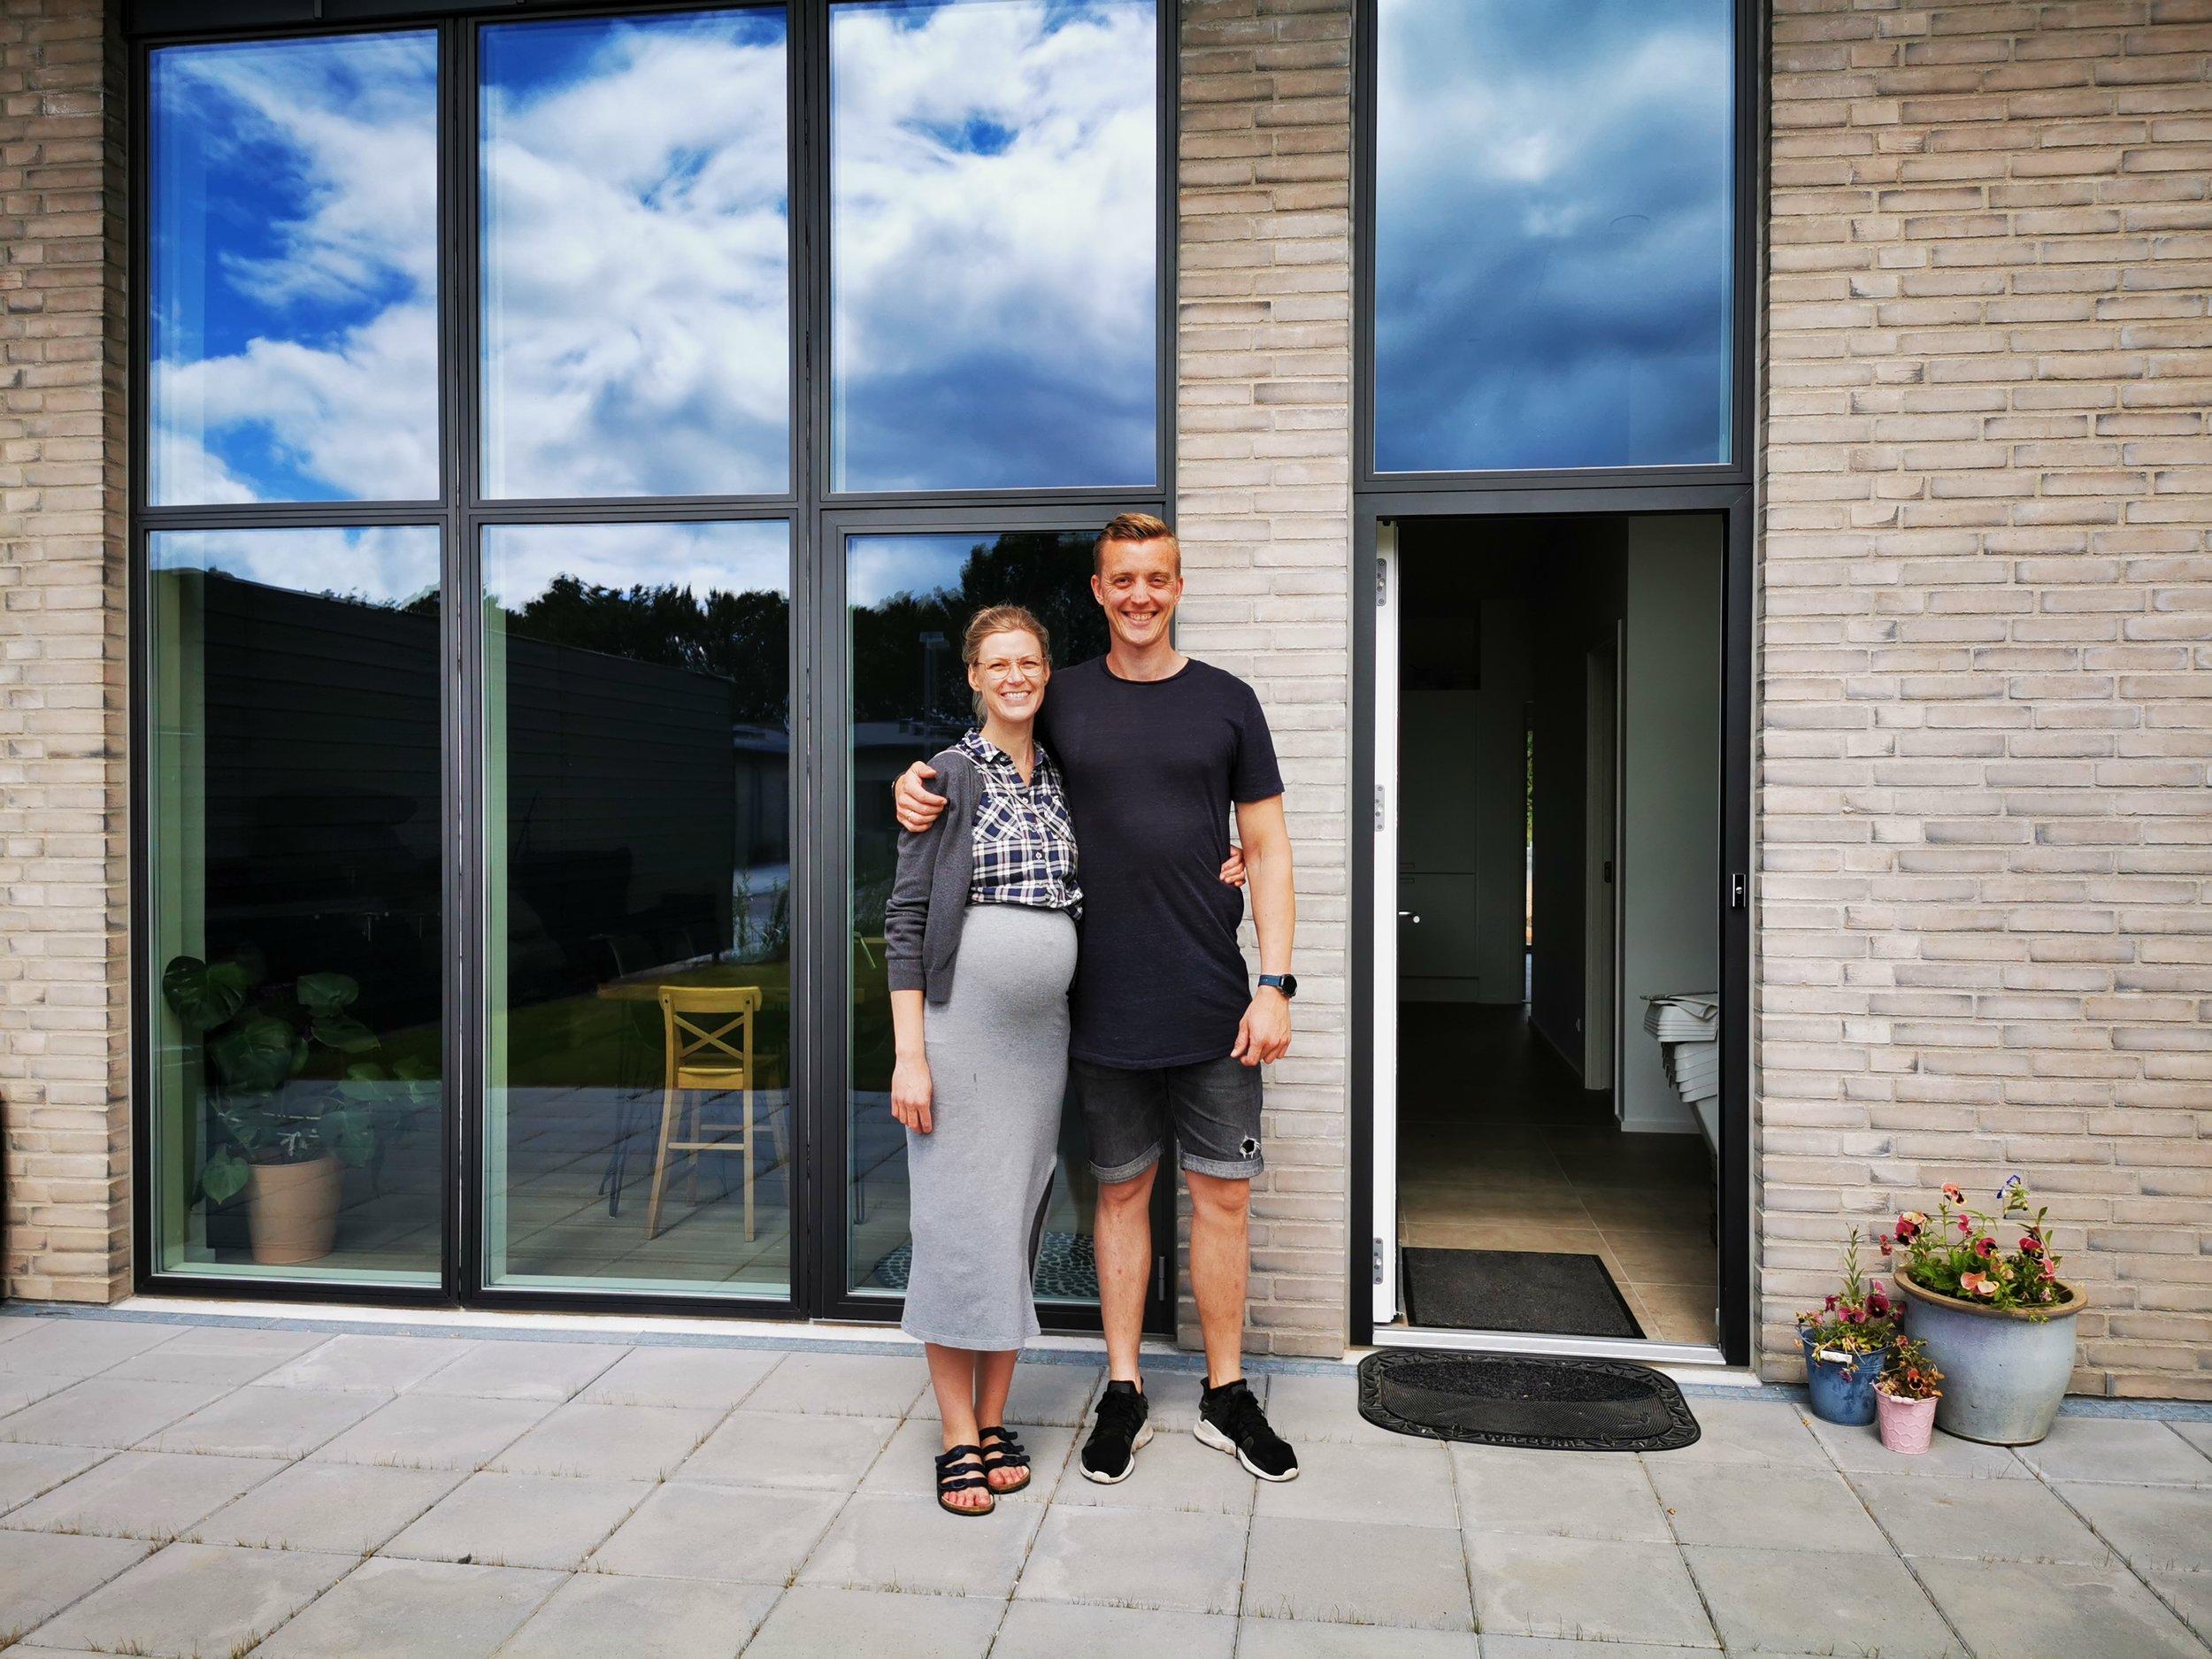 Kristine & Silas på terrassen i deres nye rækkehus på Koustrup Mark i Lind, Herning.